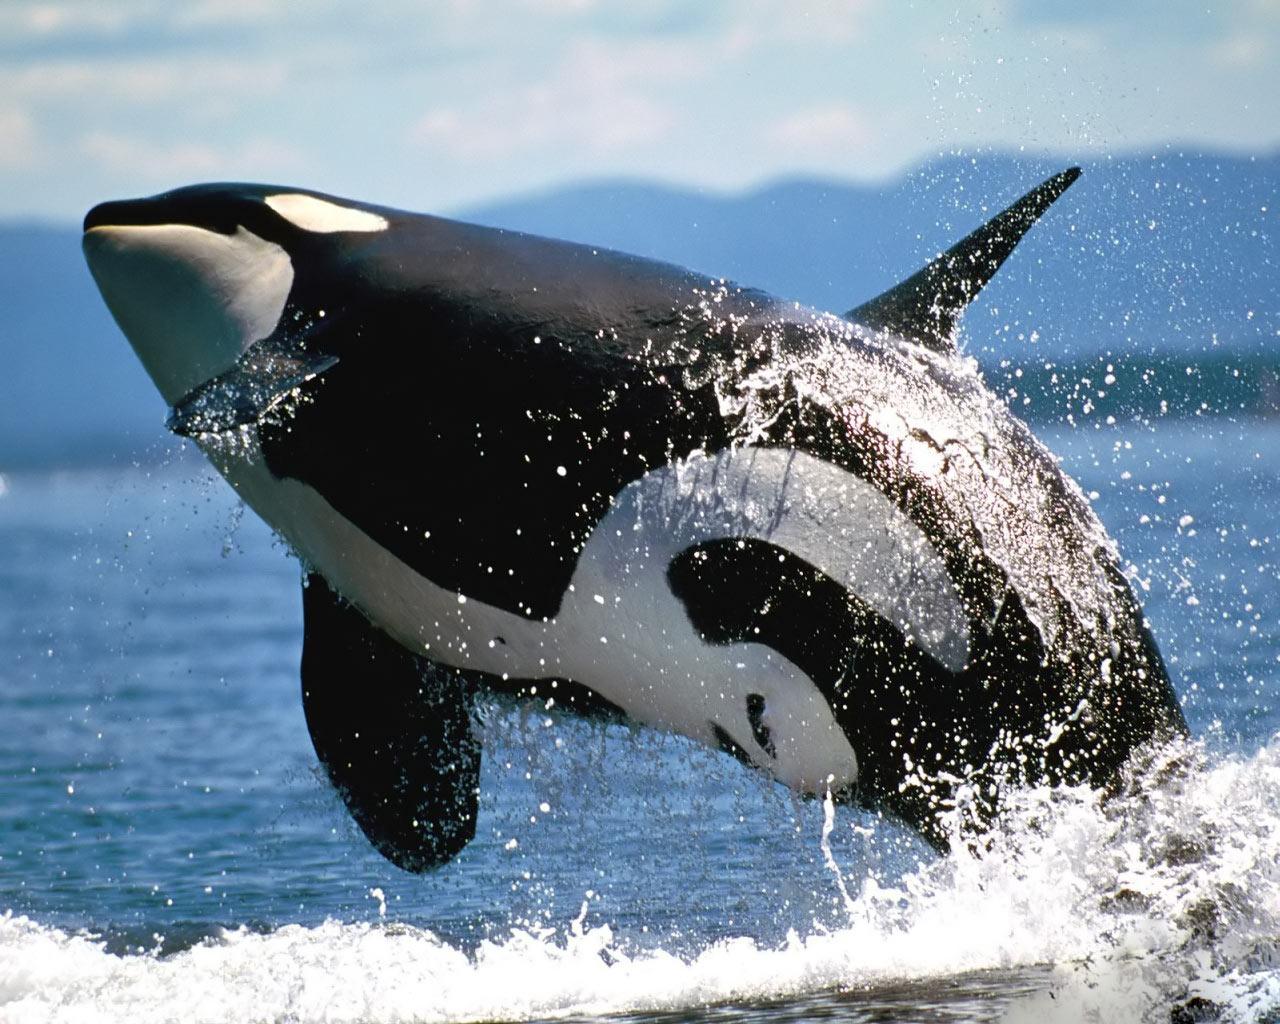 animals wildlife orca picture - photo #4